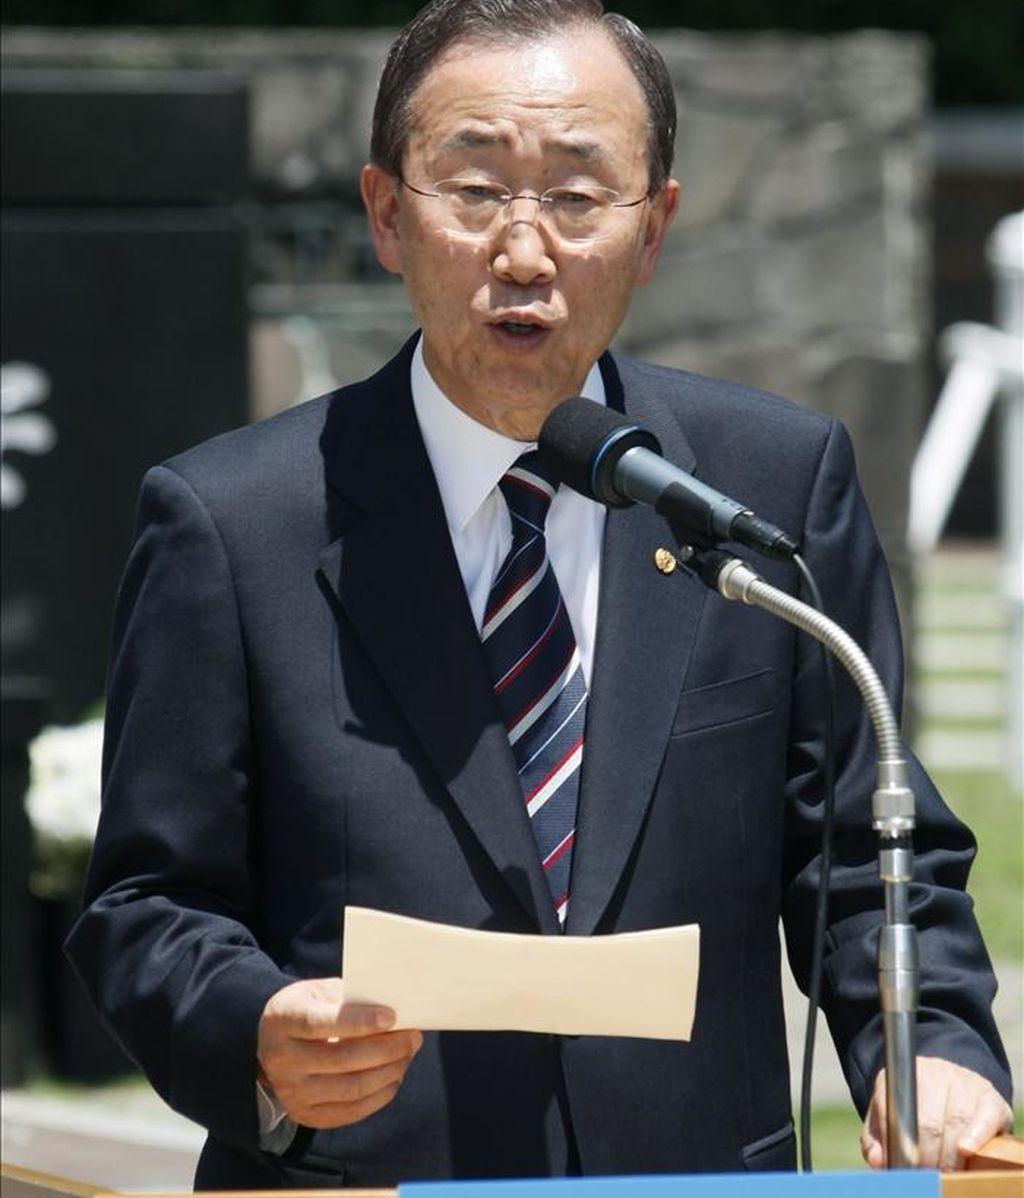 """El portavoz de la ONU, Martin Nesirky, detalló, que el secretario general de la organización, Ban Ki-Moon está preocupado ante las informaciones sobre """"víctimas civiles a causa de las operaciones israelíes en Gaza"""". EFE/Archivo"""